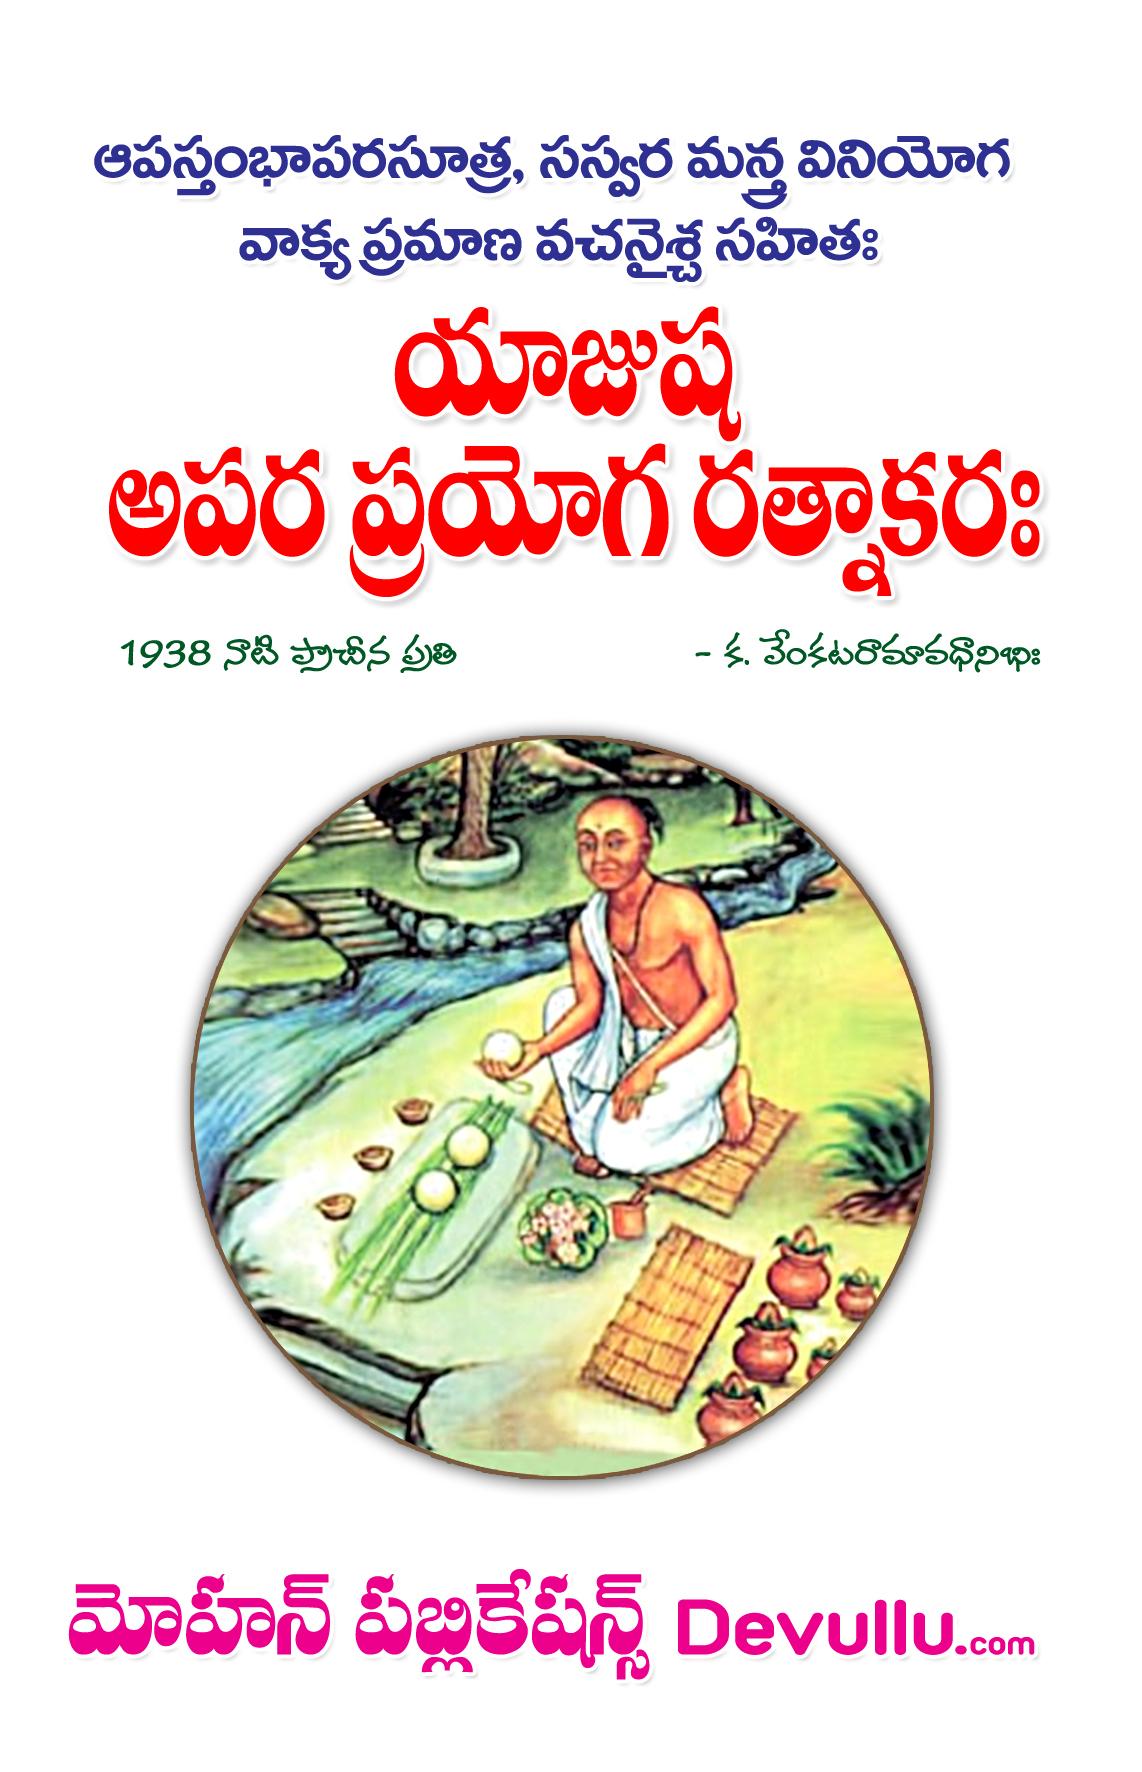 Yajusha Apara Prayoga Ratnakaram   యాజుష అపర ప్రయోగ రత్నాకరము